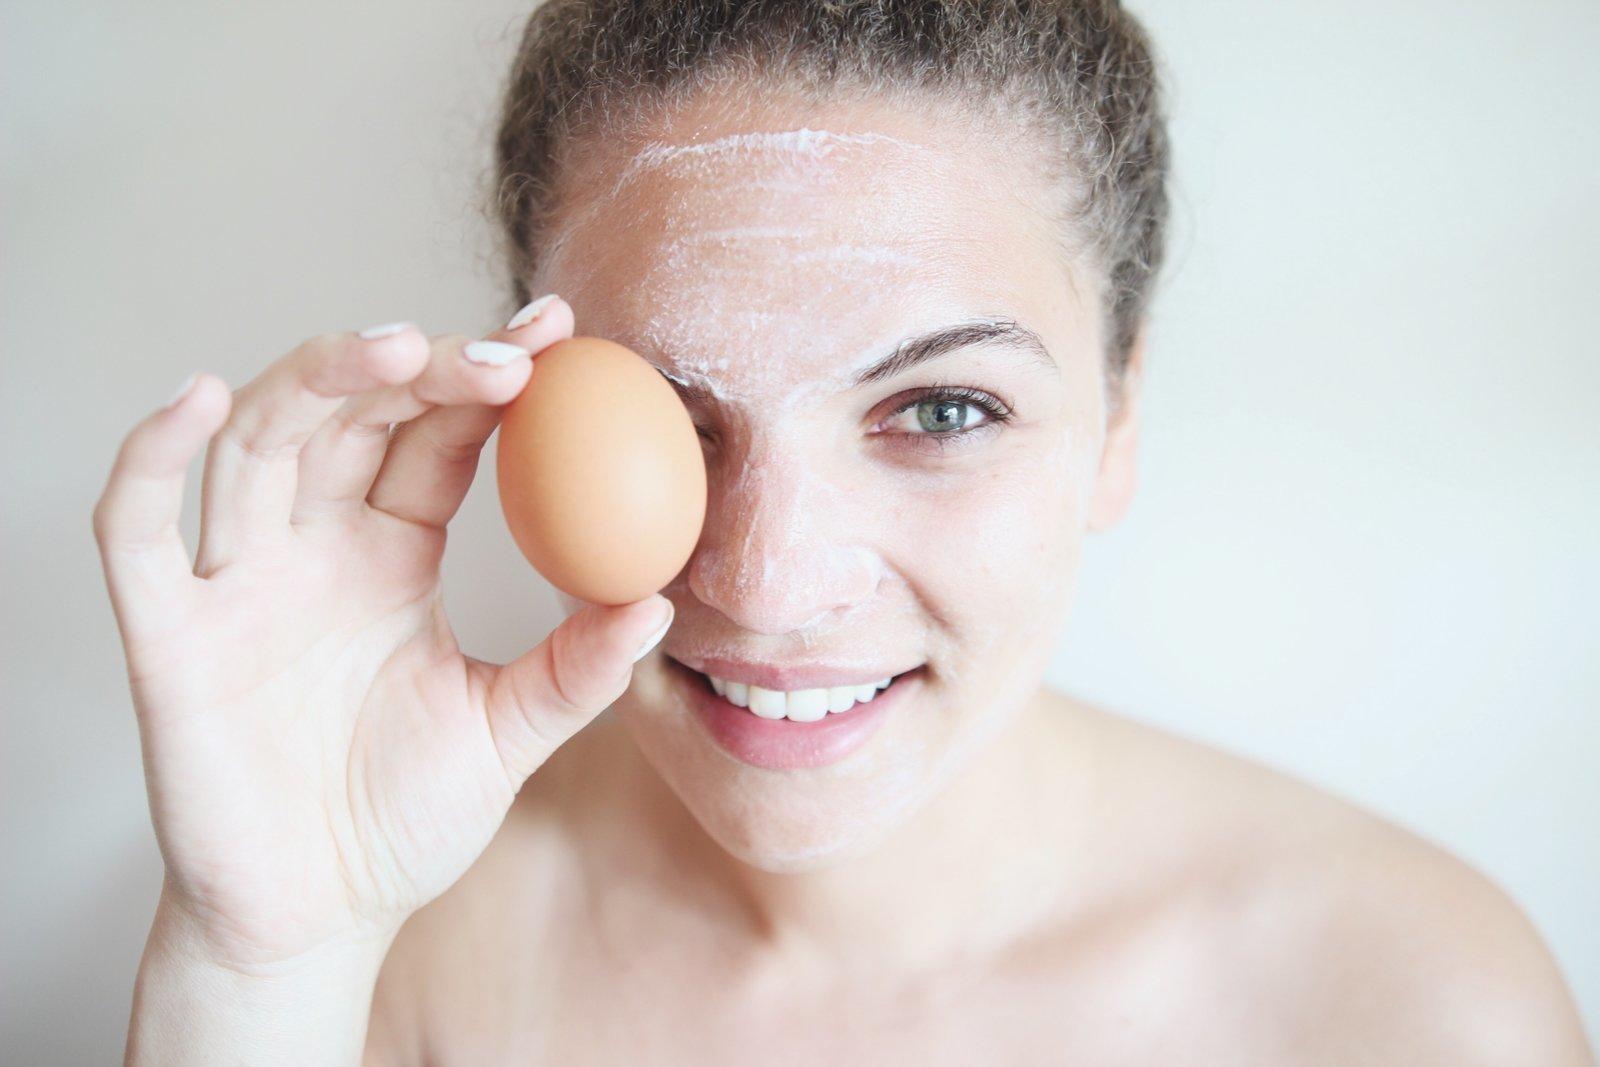 Маска для лица из яичного белка в домашних условиях